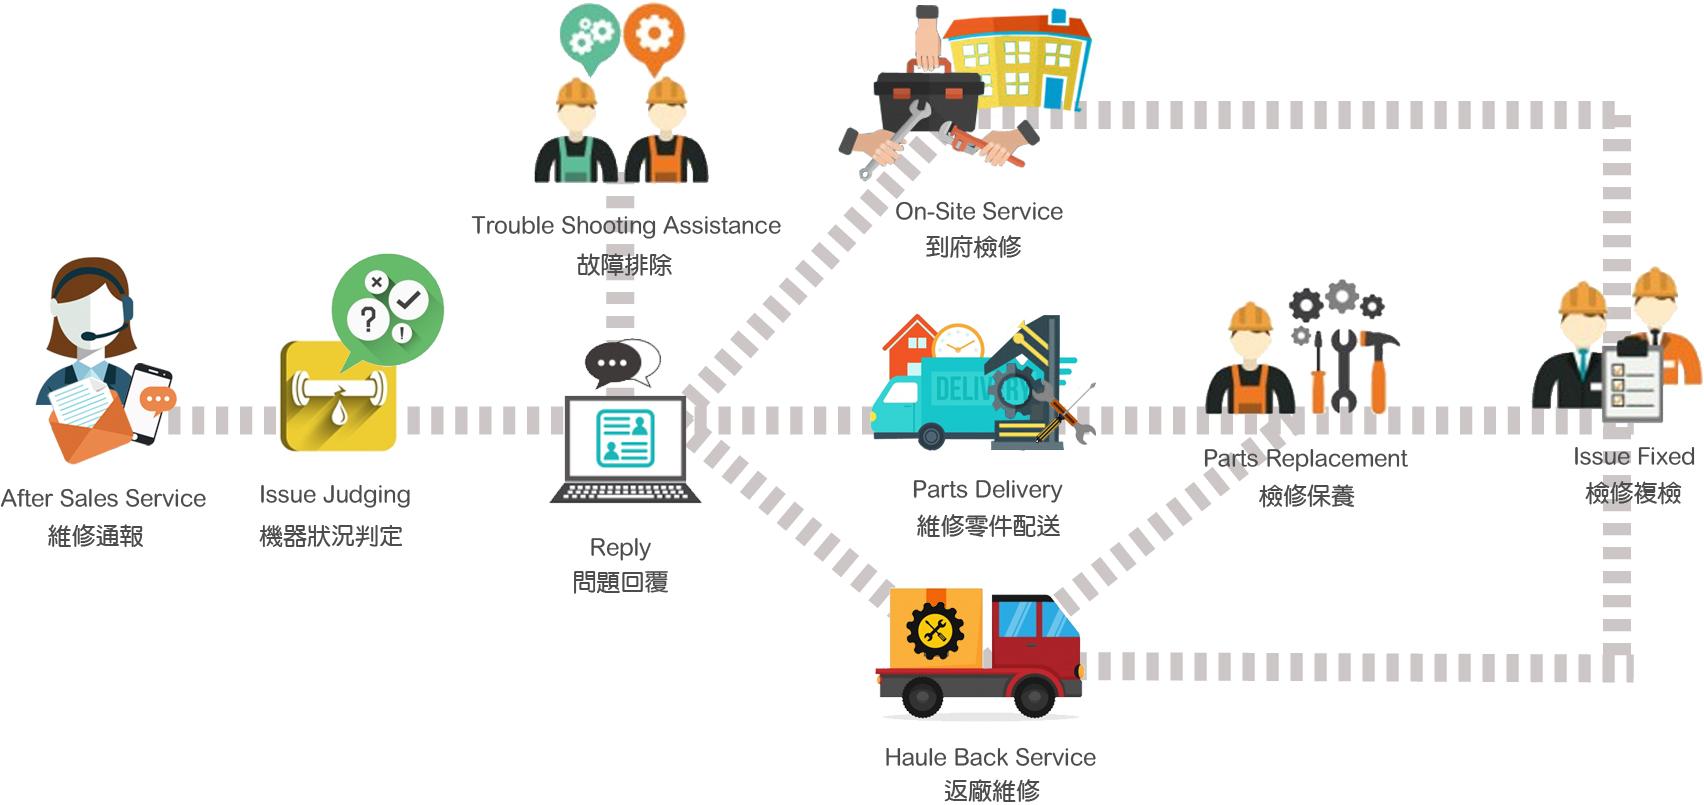 Ding-Han fornisce un servizio post vendita affidabile.